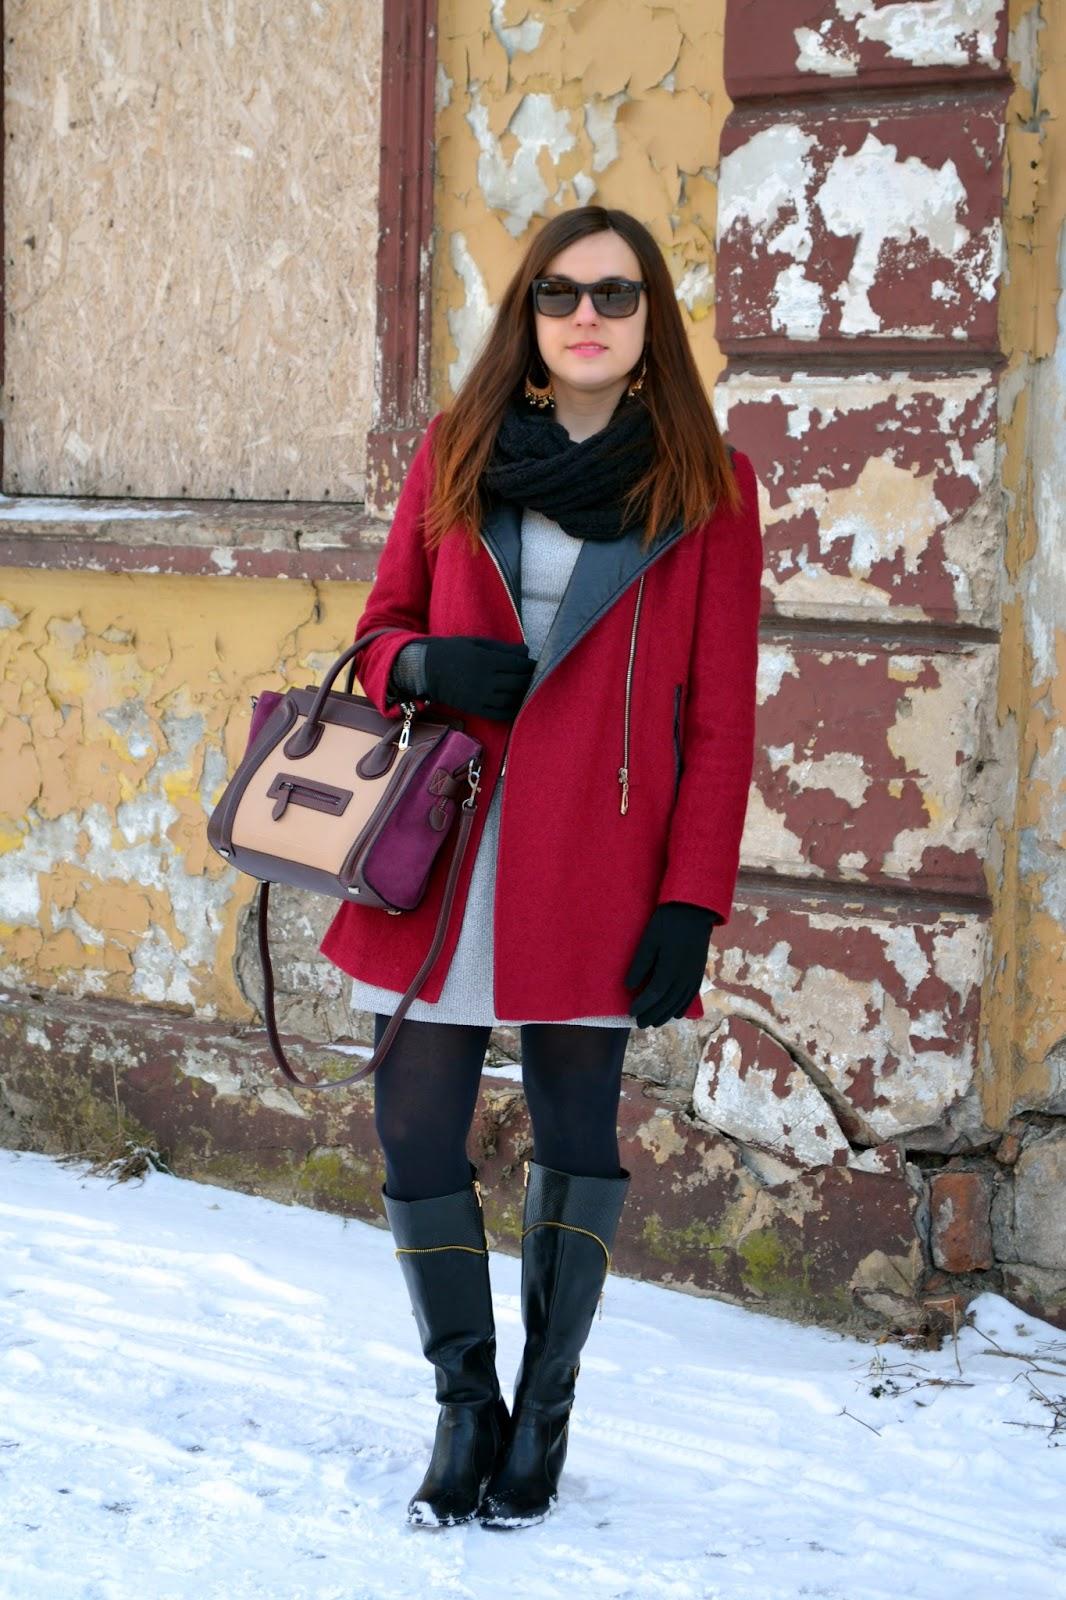 Okulary Ray-Ban, Zegarek Kors,bordowy płaszcz, stylizacja z płaszczem na zime, oficerki,